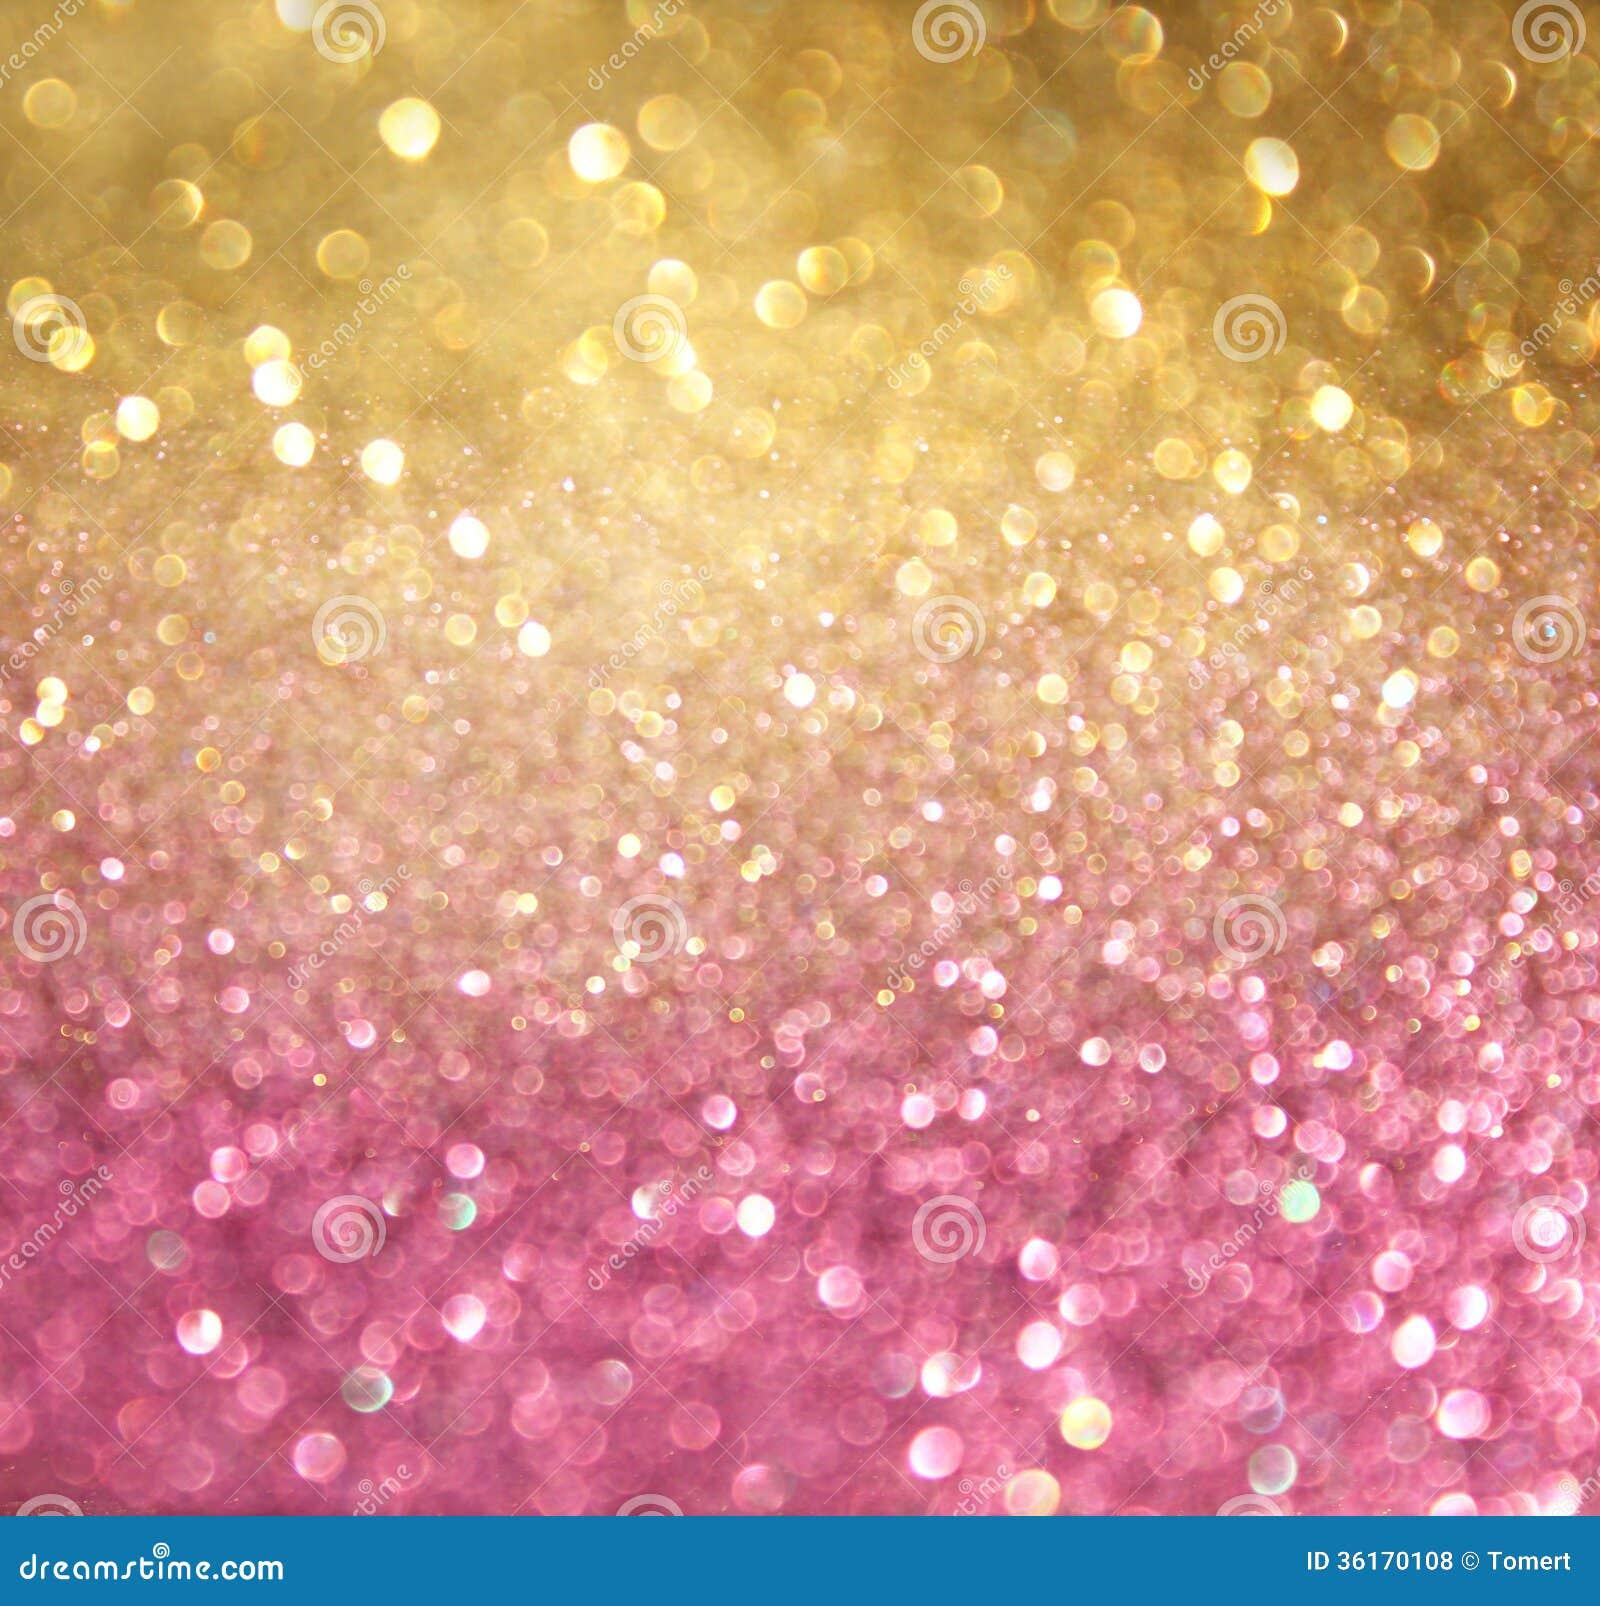 Gold und Rosa abstrakte bokeh Lichter. defocused Hintergrund